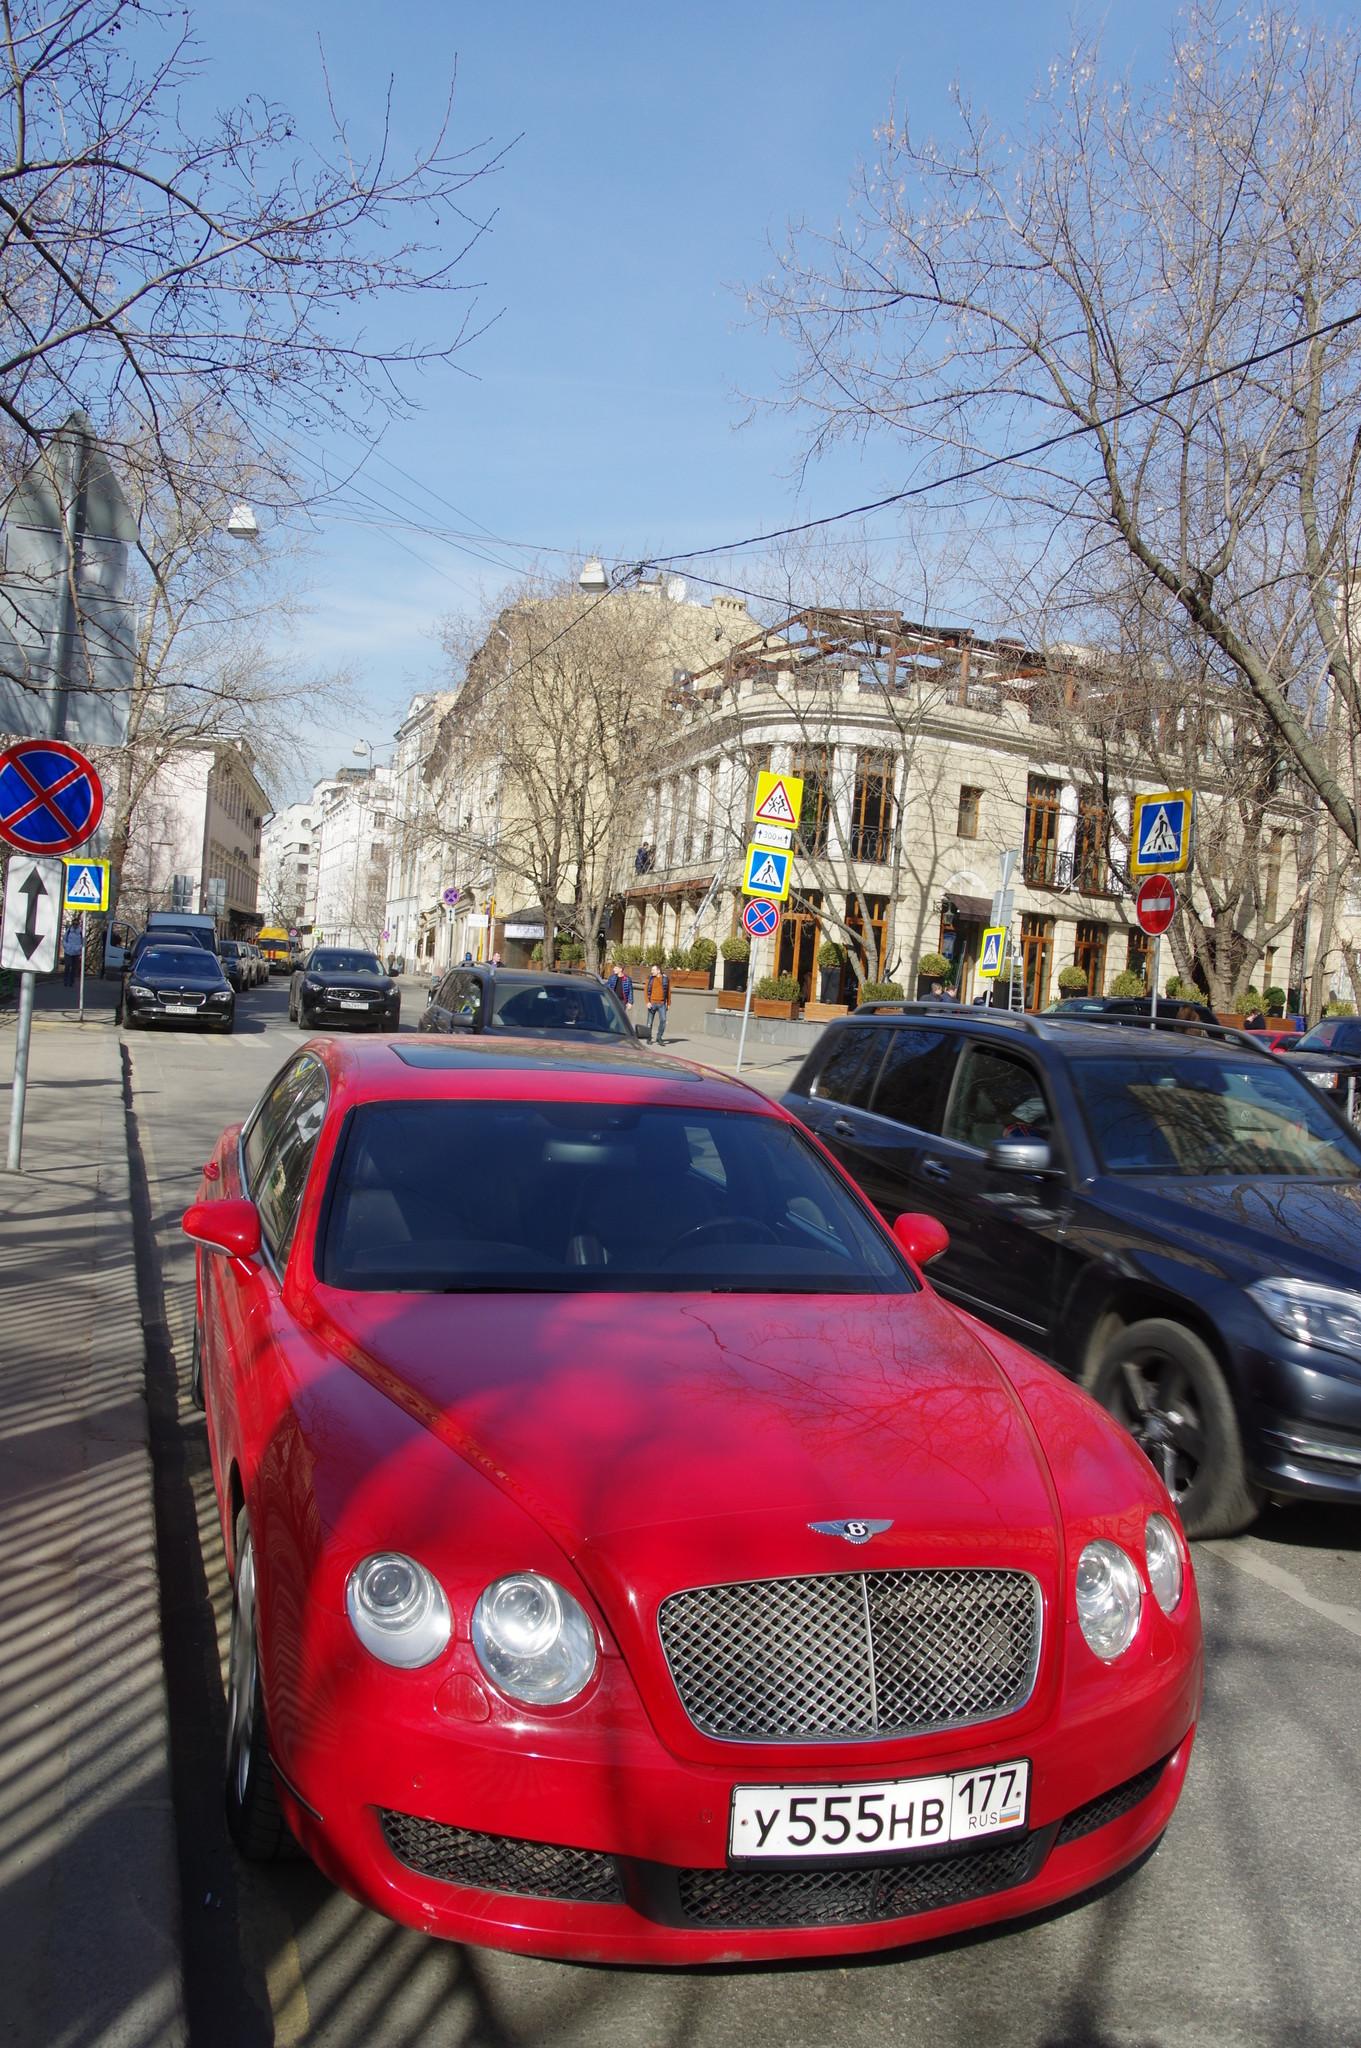 Автомобиль Bentley на Малой Бронной улице